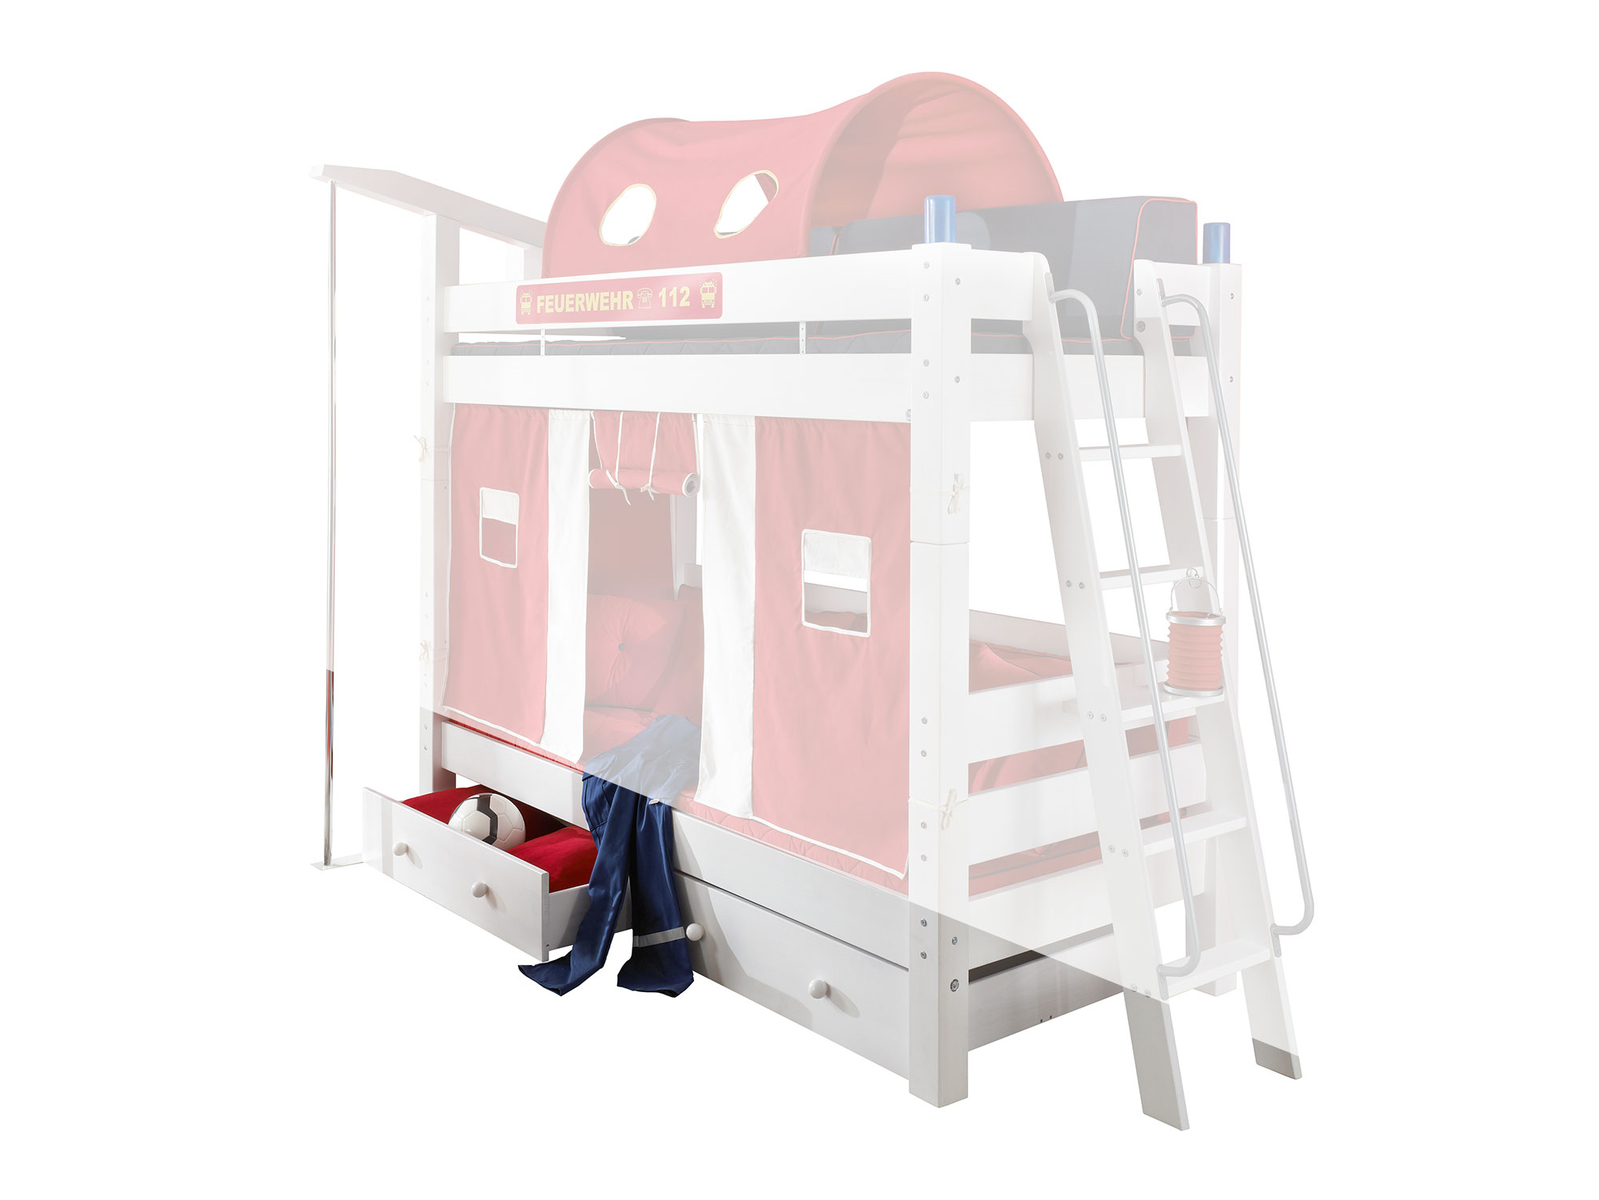 Feuerwehr Etagenbett Moby für Kinder, Bild 6